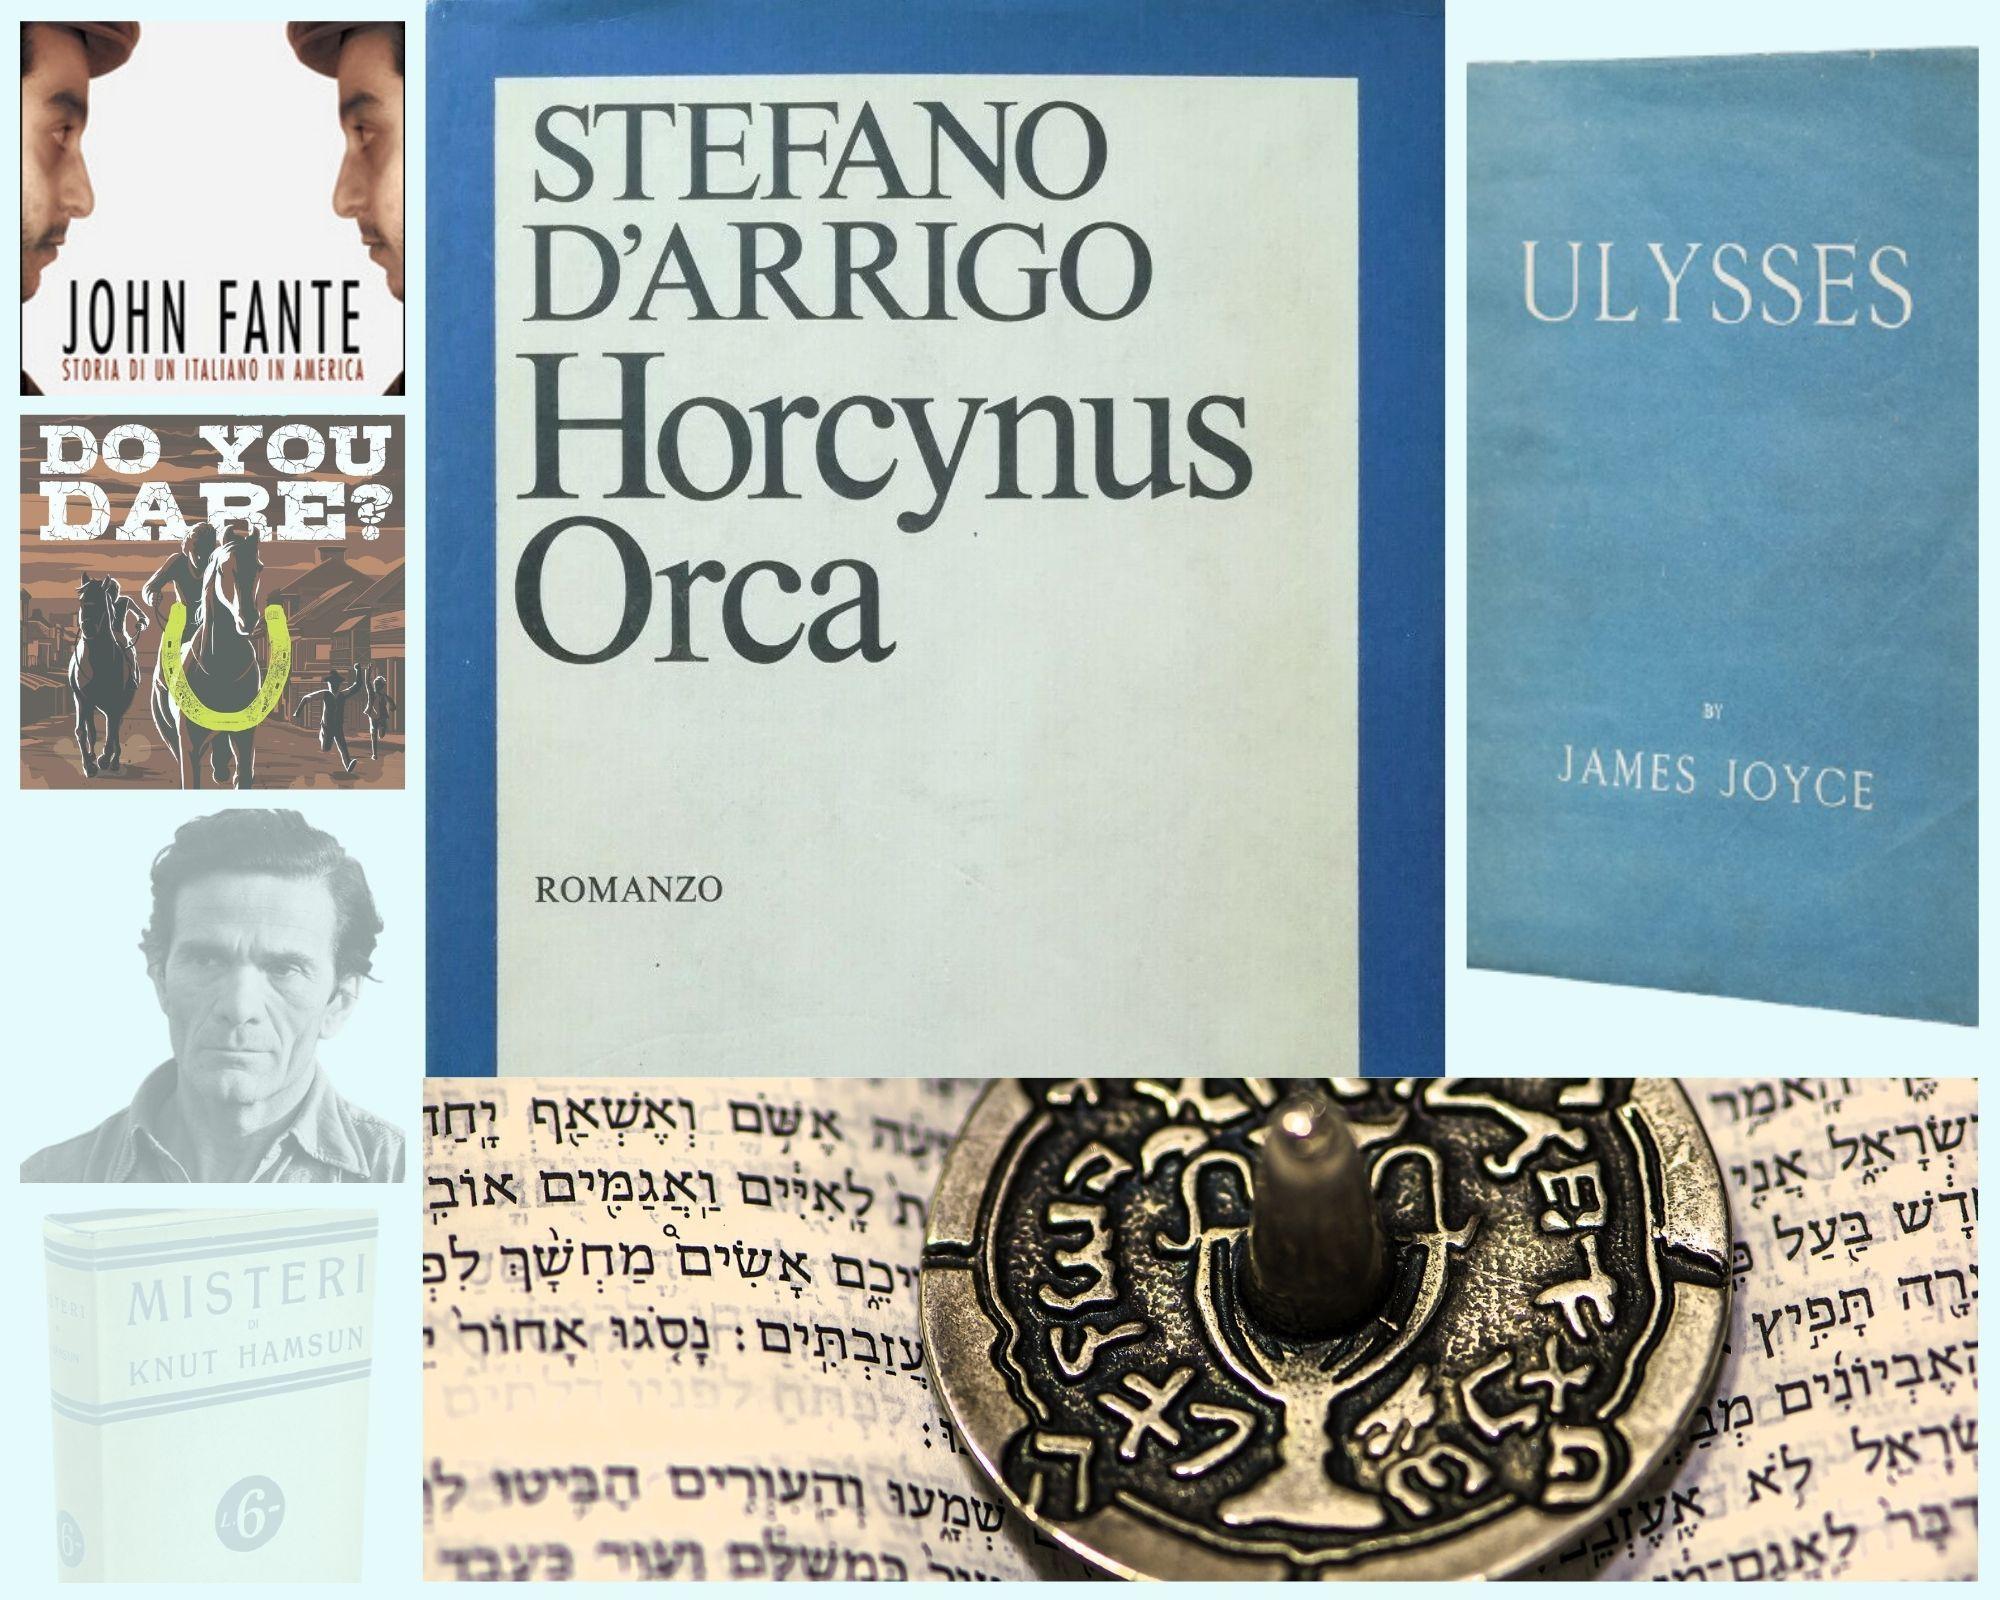 Quando vincevo al Casinò: e leggevo Walter Benjamin, Fante e Poirot